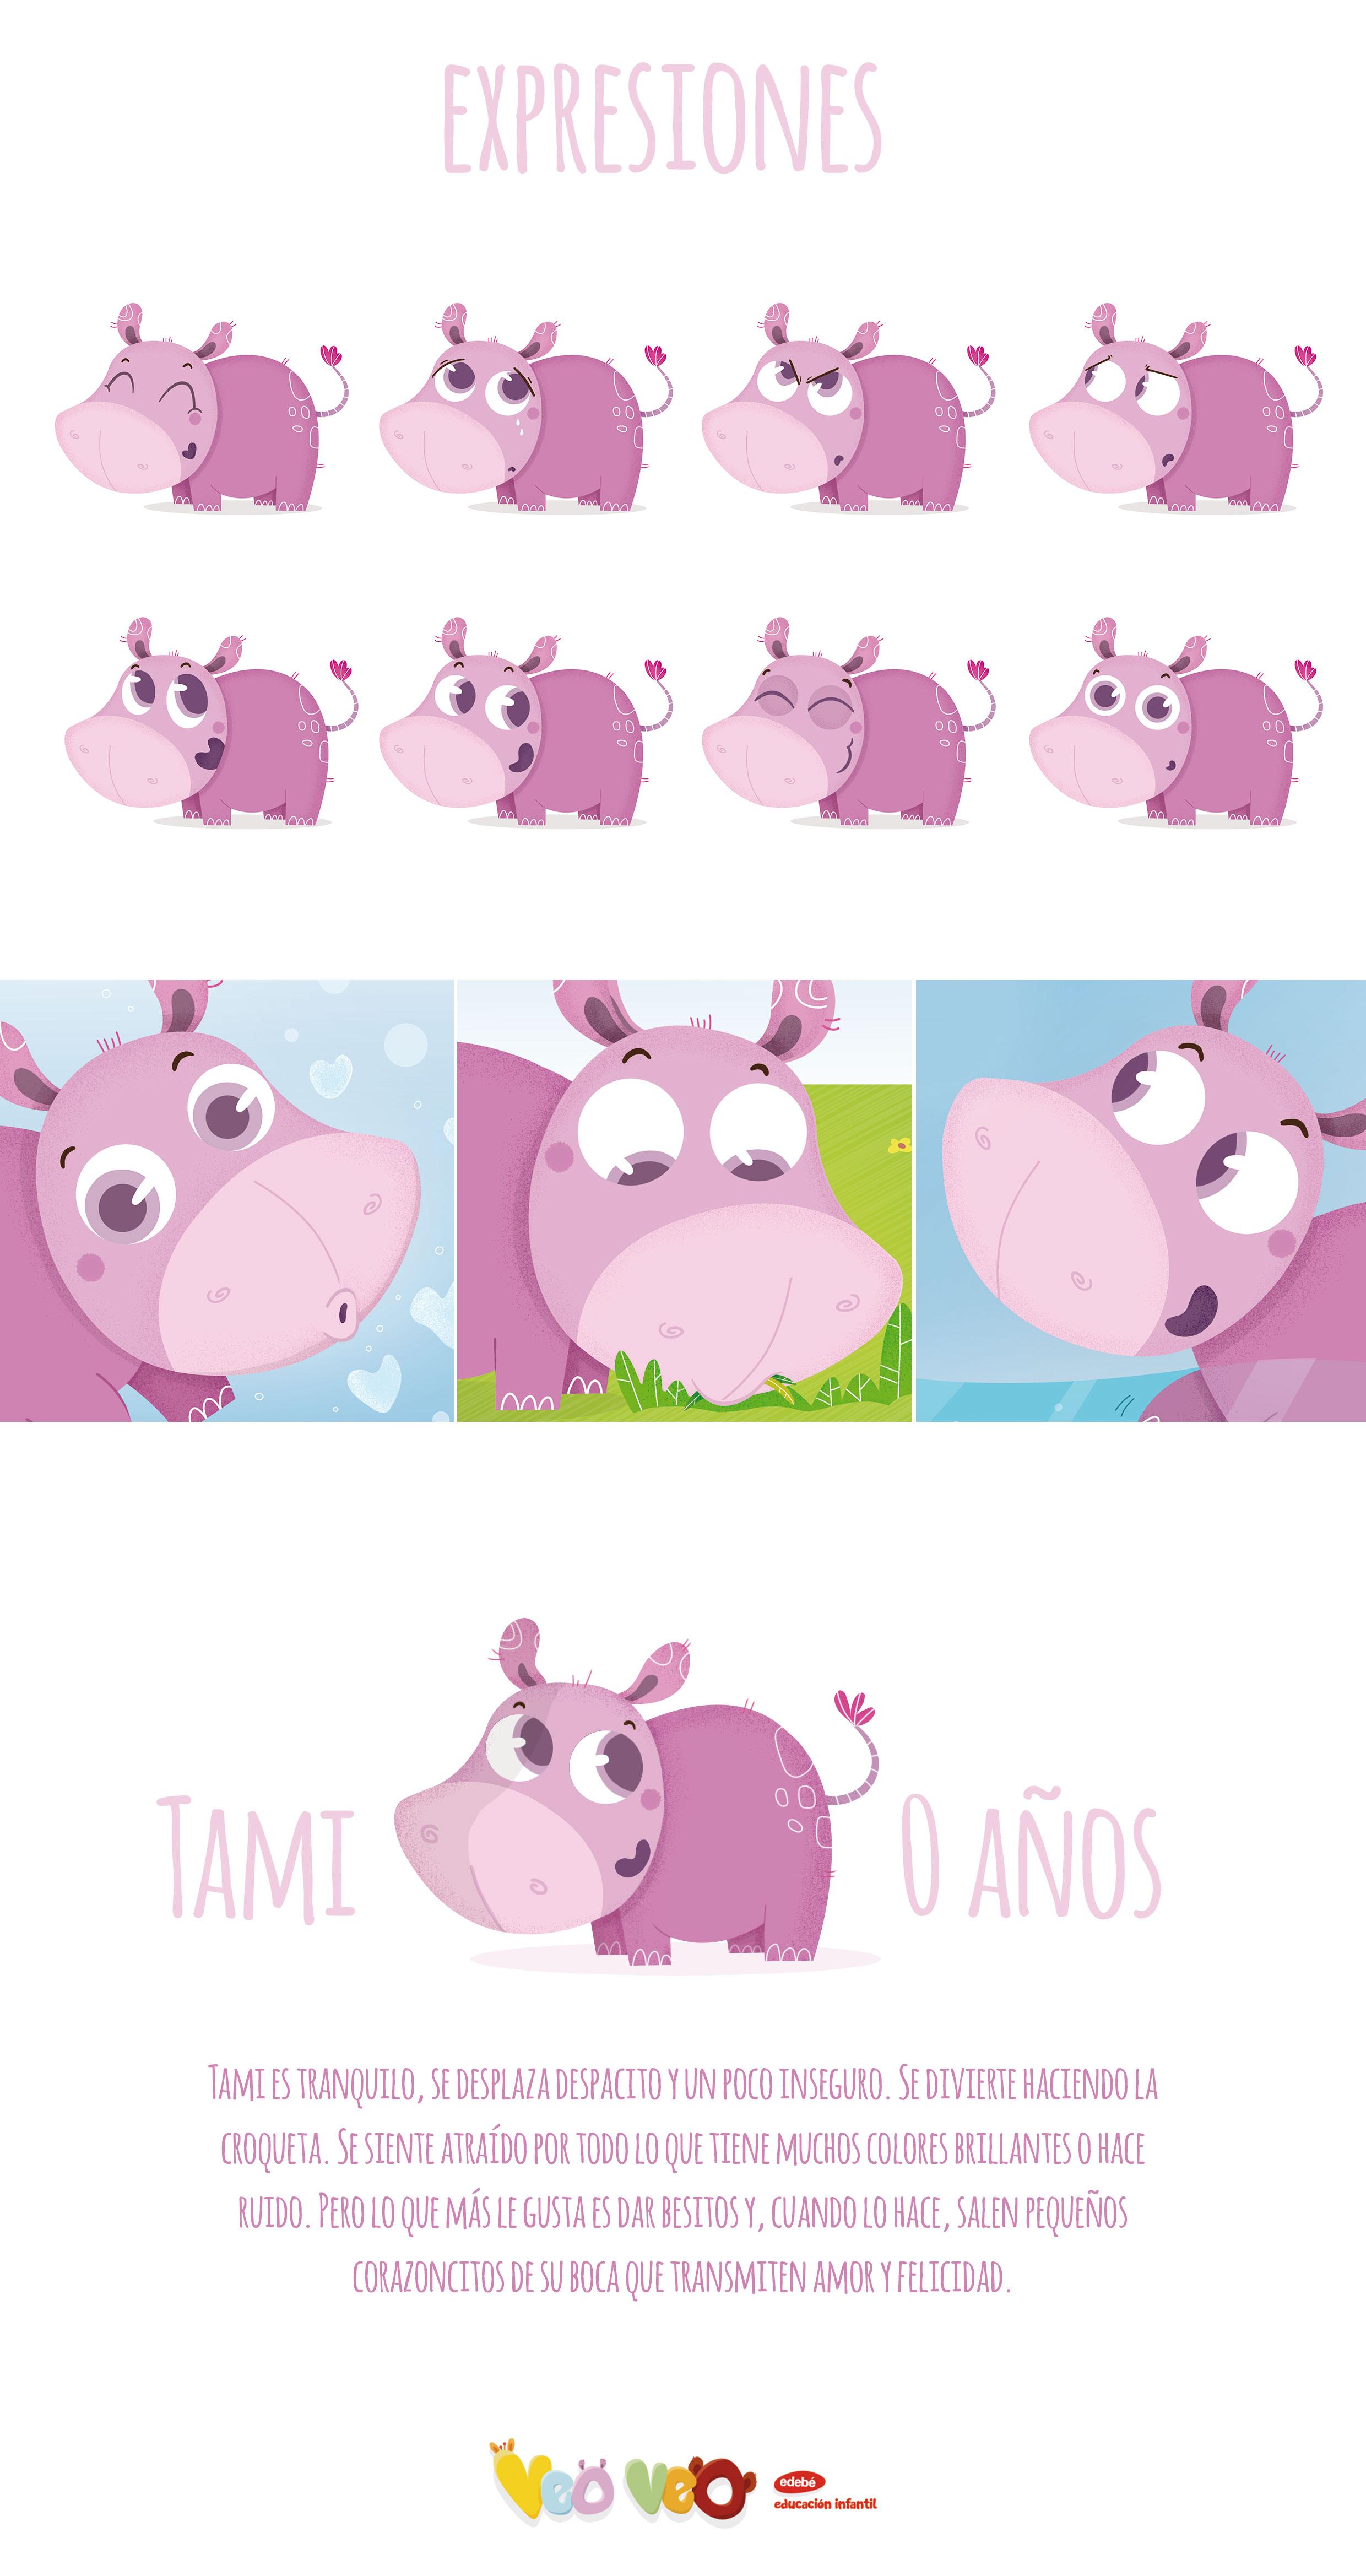 tami_ilustracion-infantil_proyecto-veo-veo_editorial_edebe